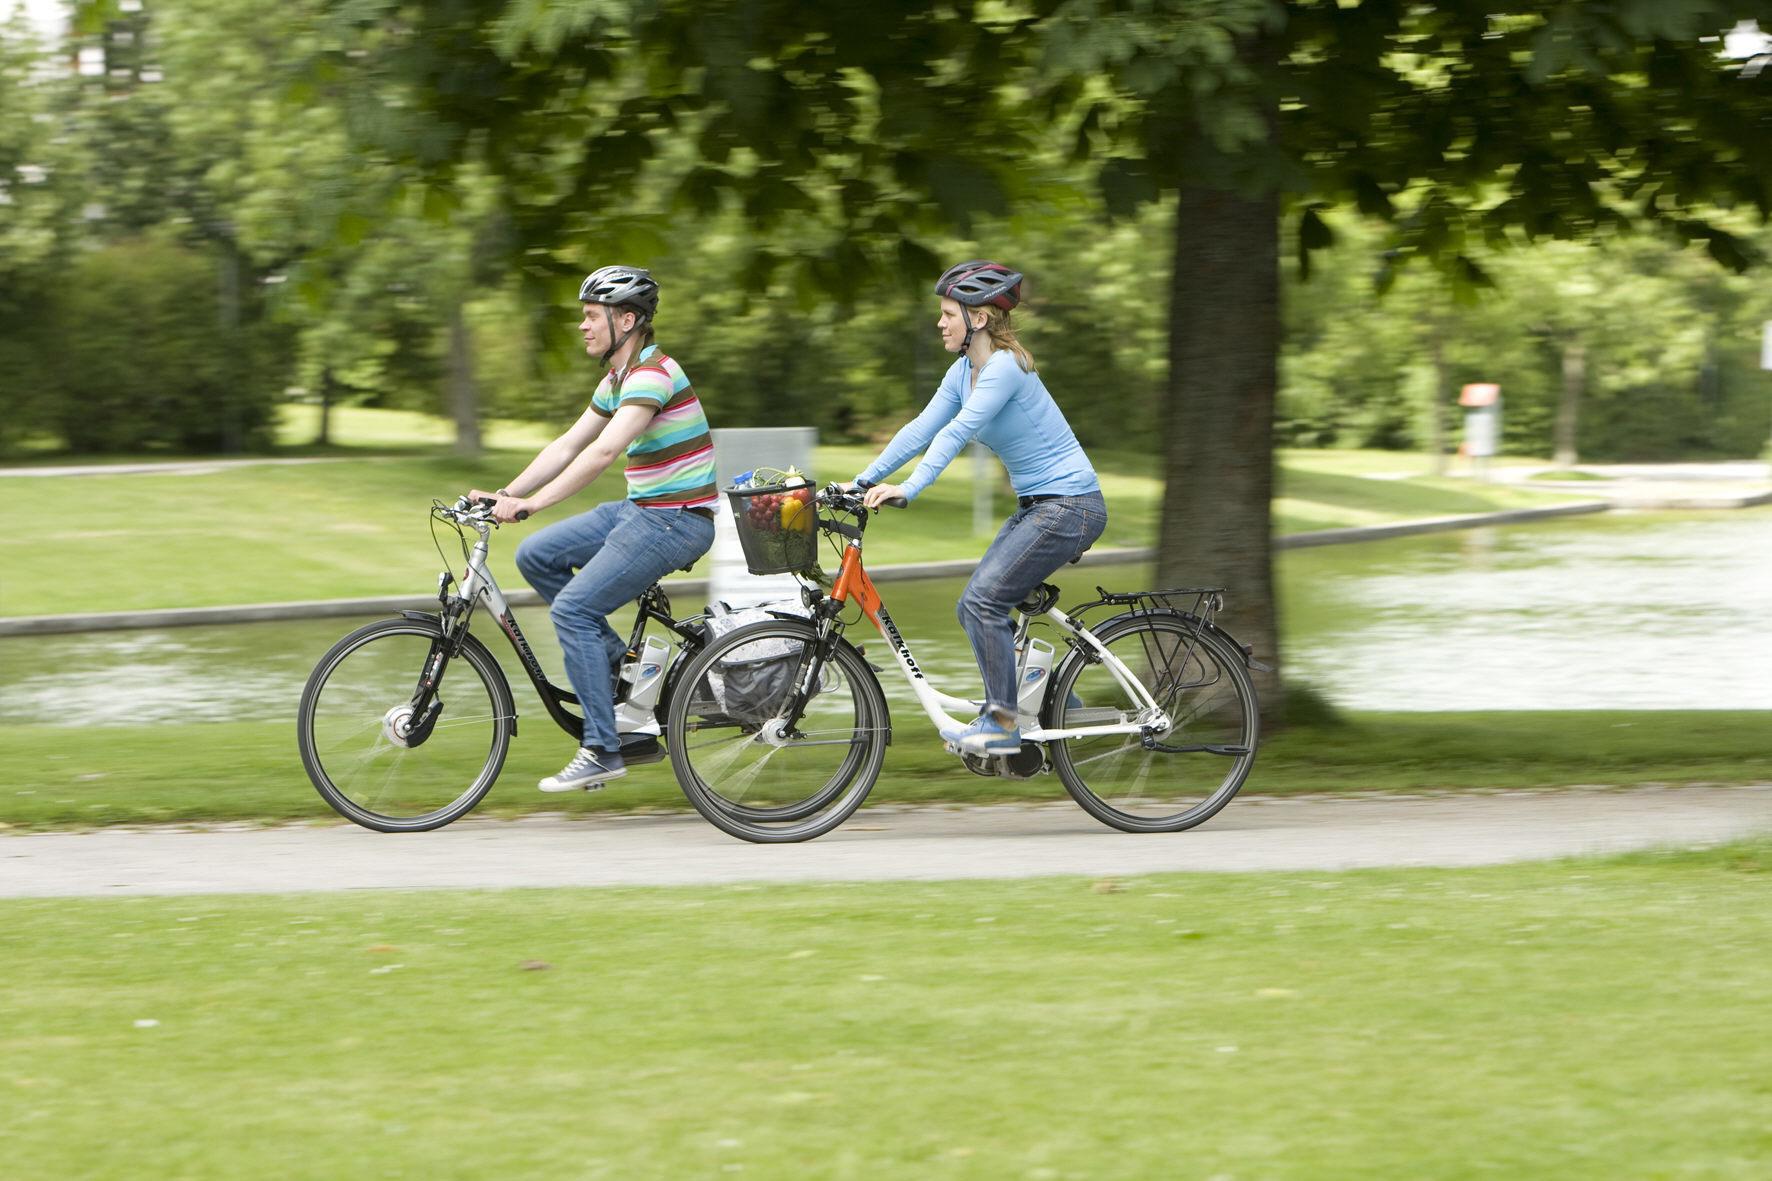 mid Düsseldorf - Eine Versicherung ist für E-Bikes mit 250 Watt starkem Motor zwar nicht vorgeschrieben, aber durchaus sinnvoll.